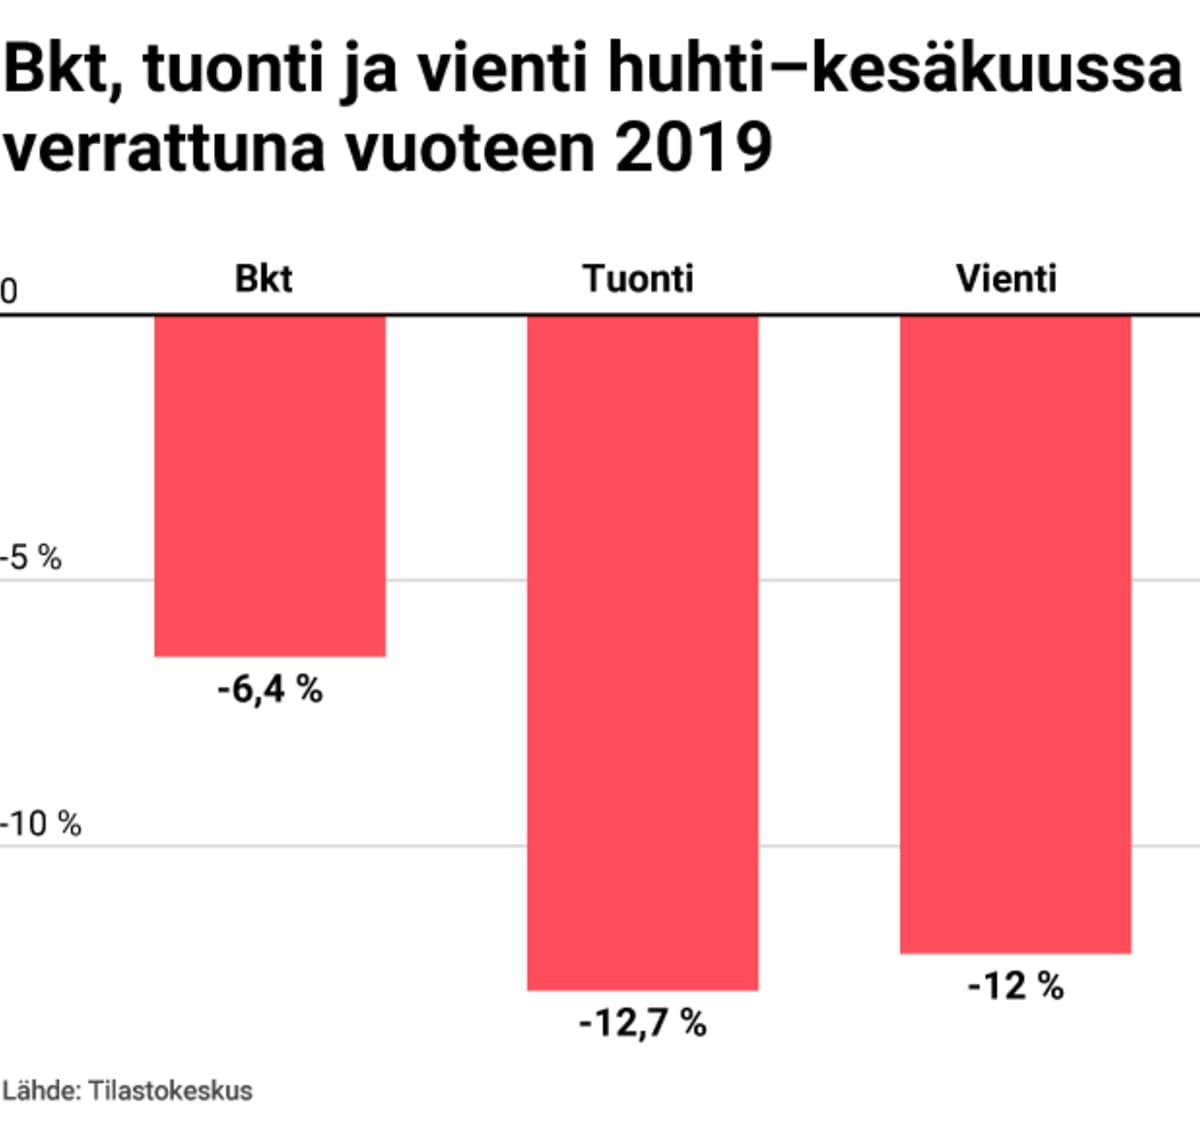 Bkt, tuonti ja vienti huhti-kesäkuussa verrattuna vuoteen 2019